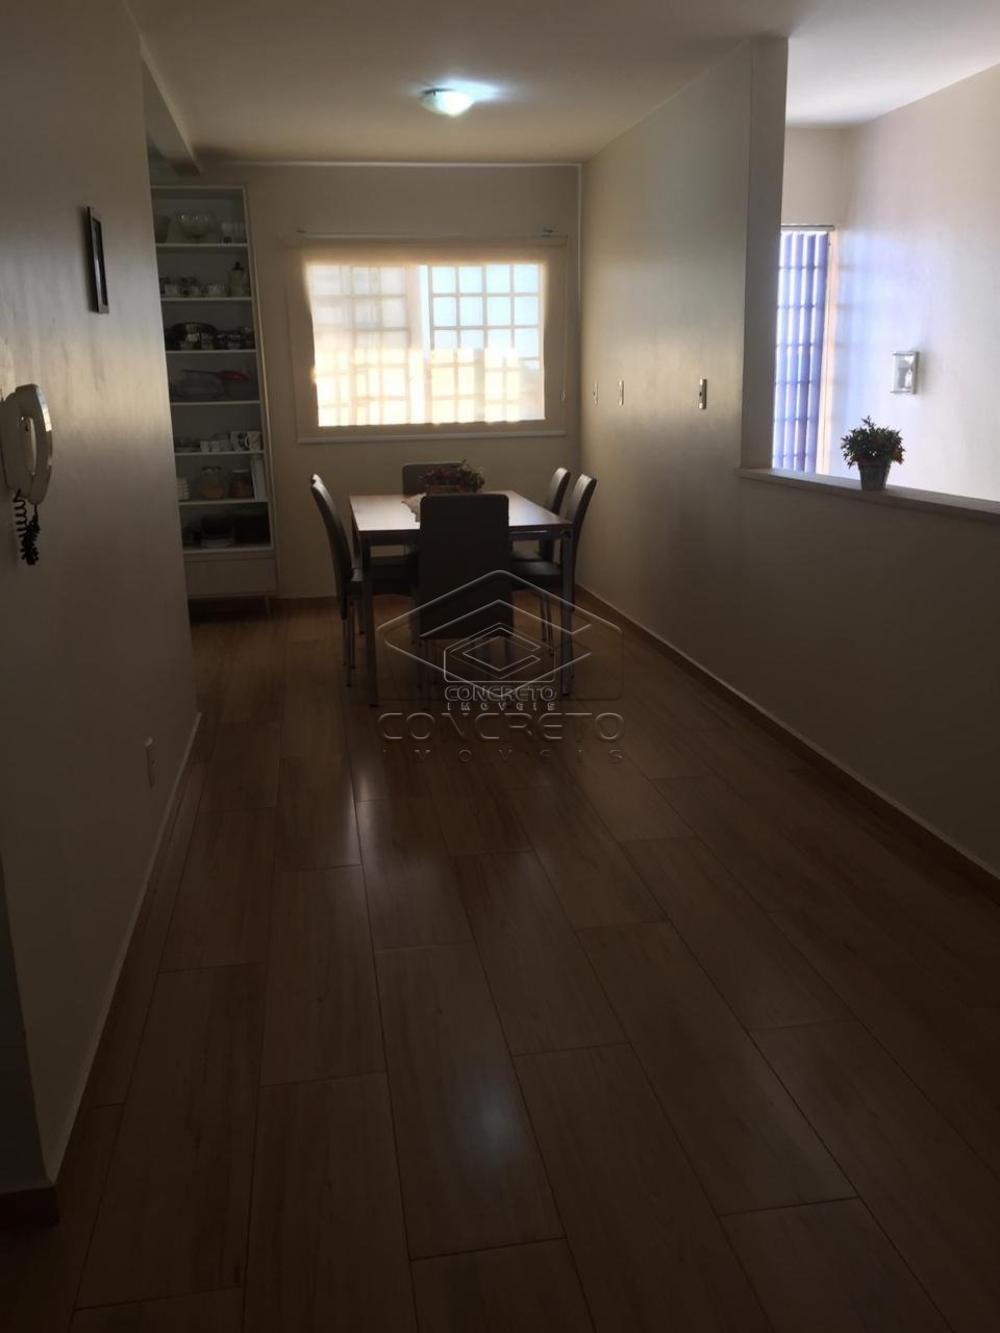 Comprar Casa / Padrão em Botucatu apenas R$ 750.000,00 - Foto 28